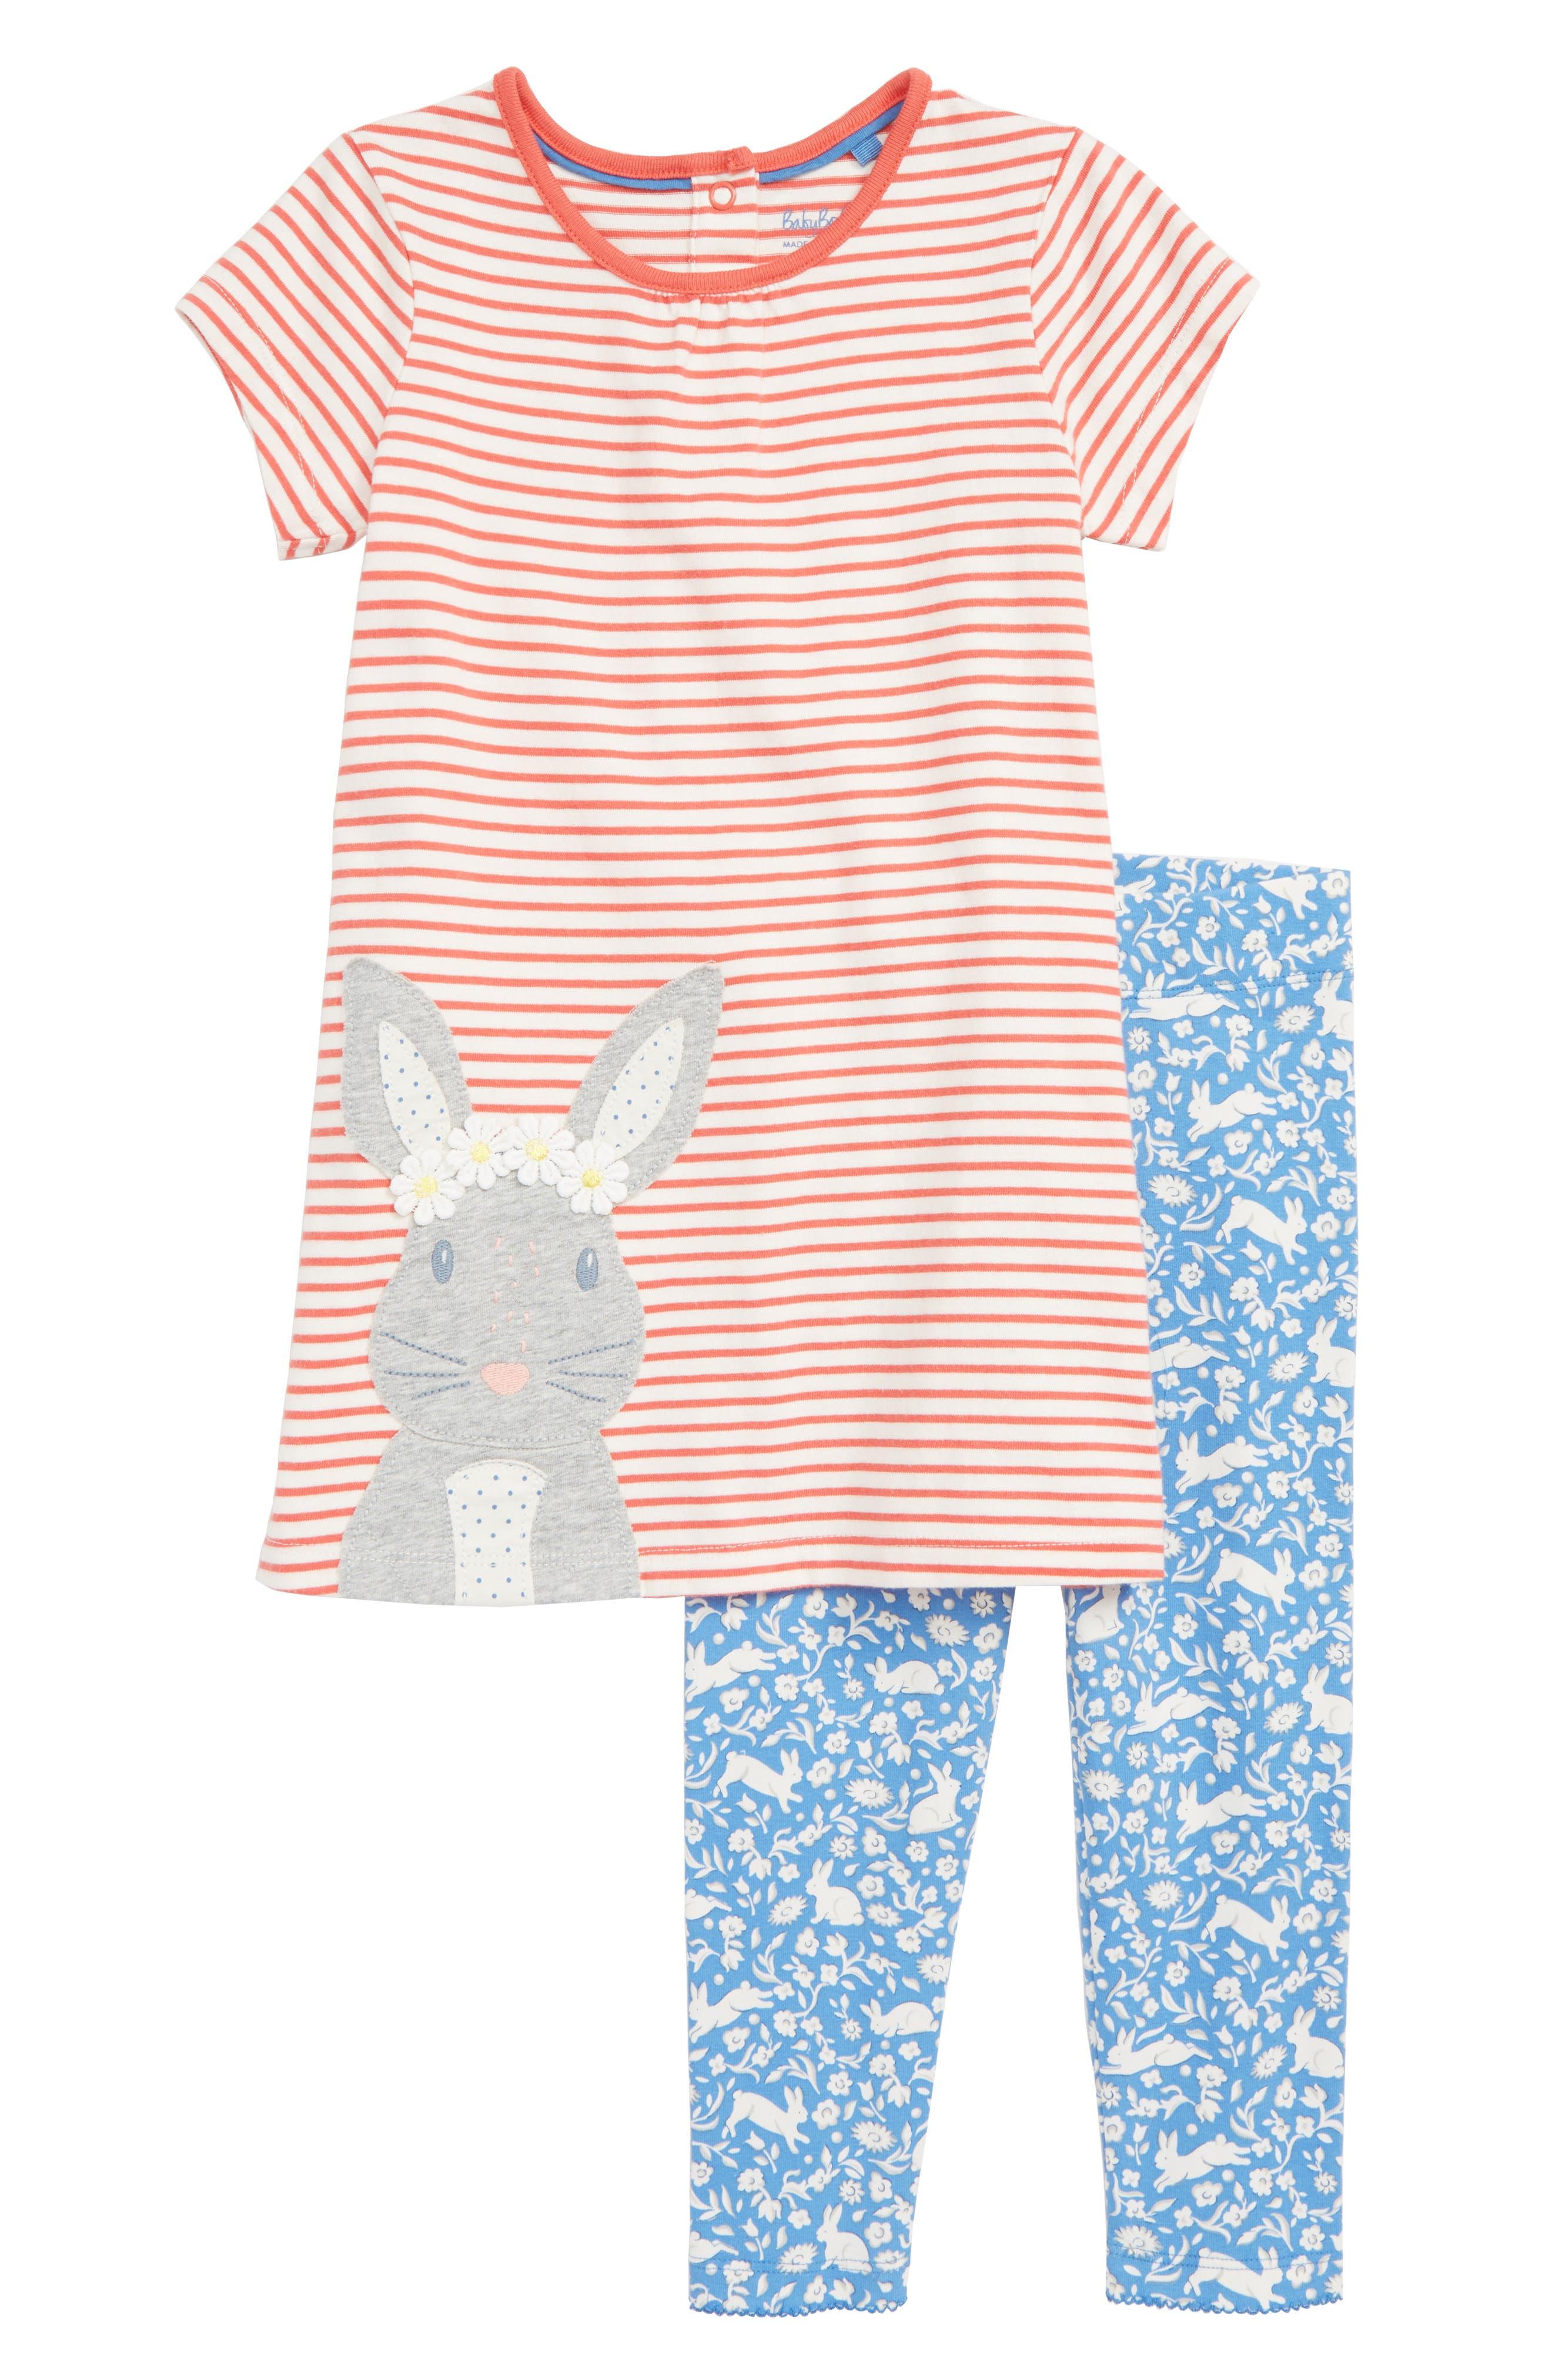 Toddler Girls Mini Boden Farmyard Dress  Leggings Set